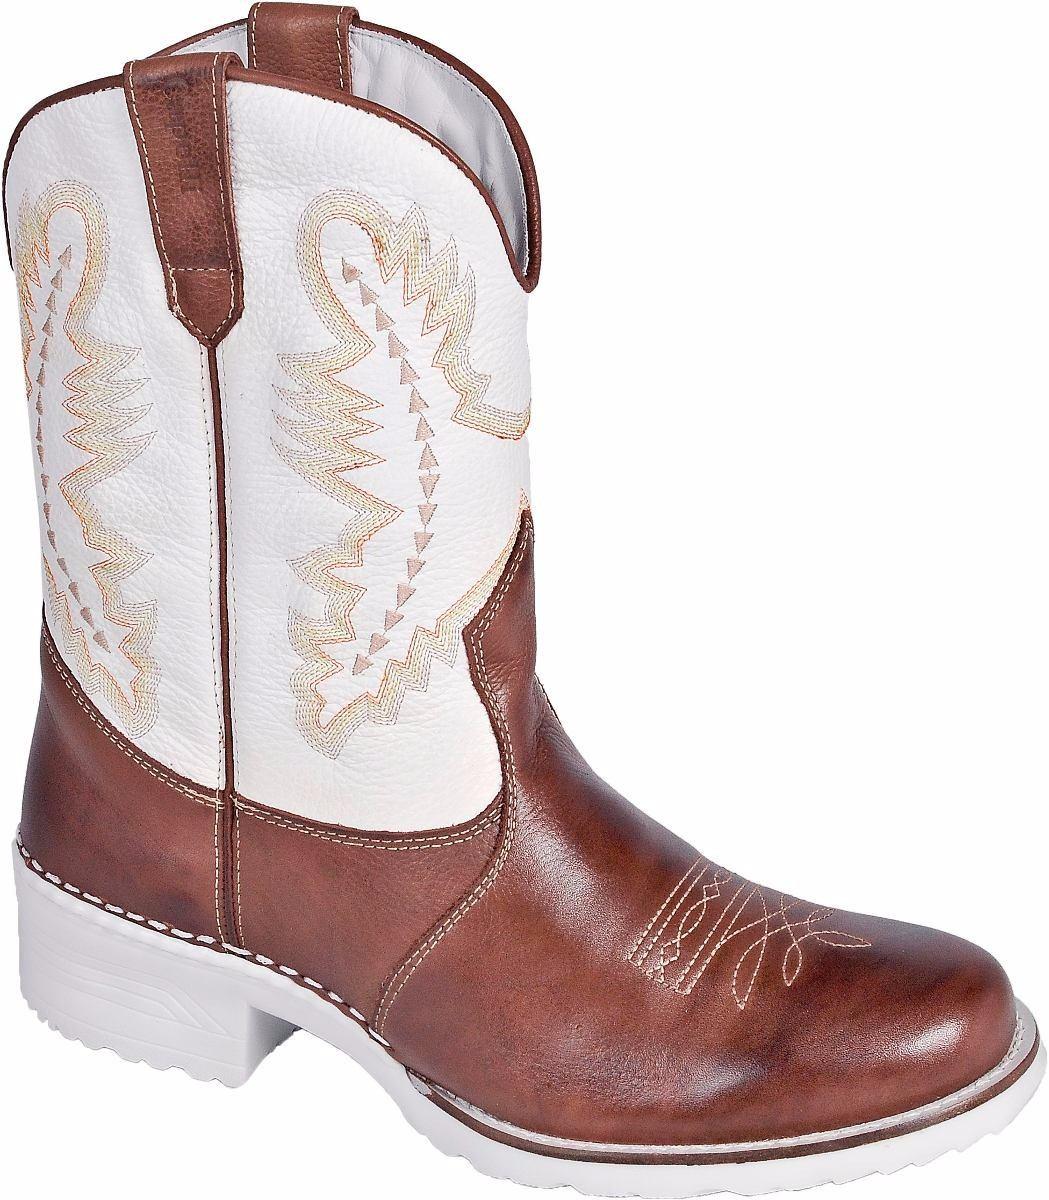 8fc9e8a9b Bota Texana Country Solado Branco Capelli Boots - R$ 269,90 em ...